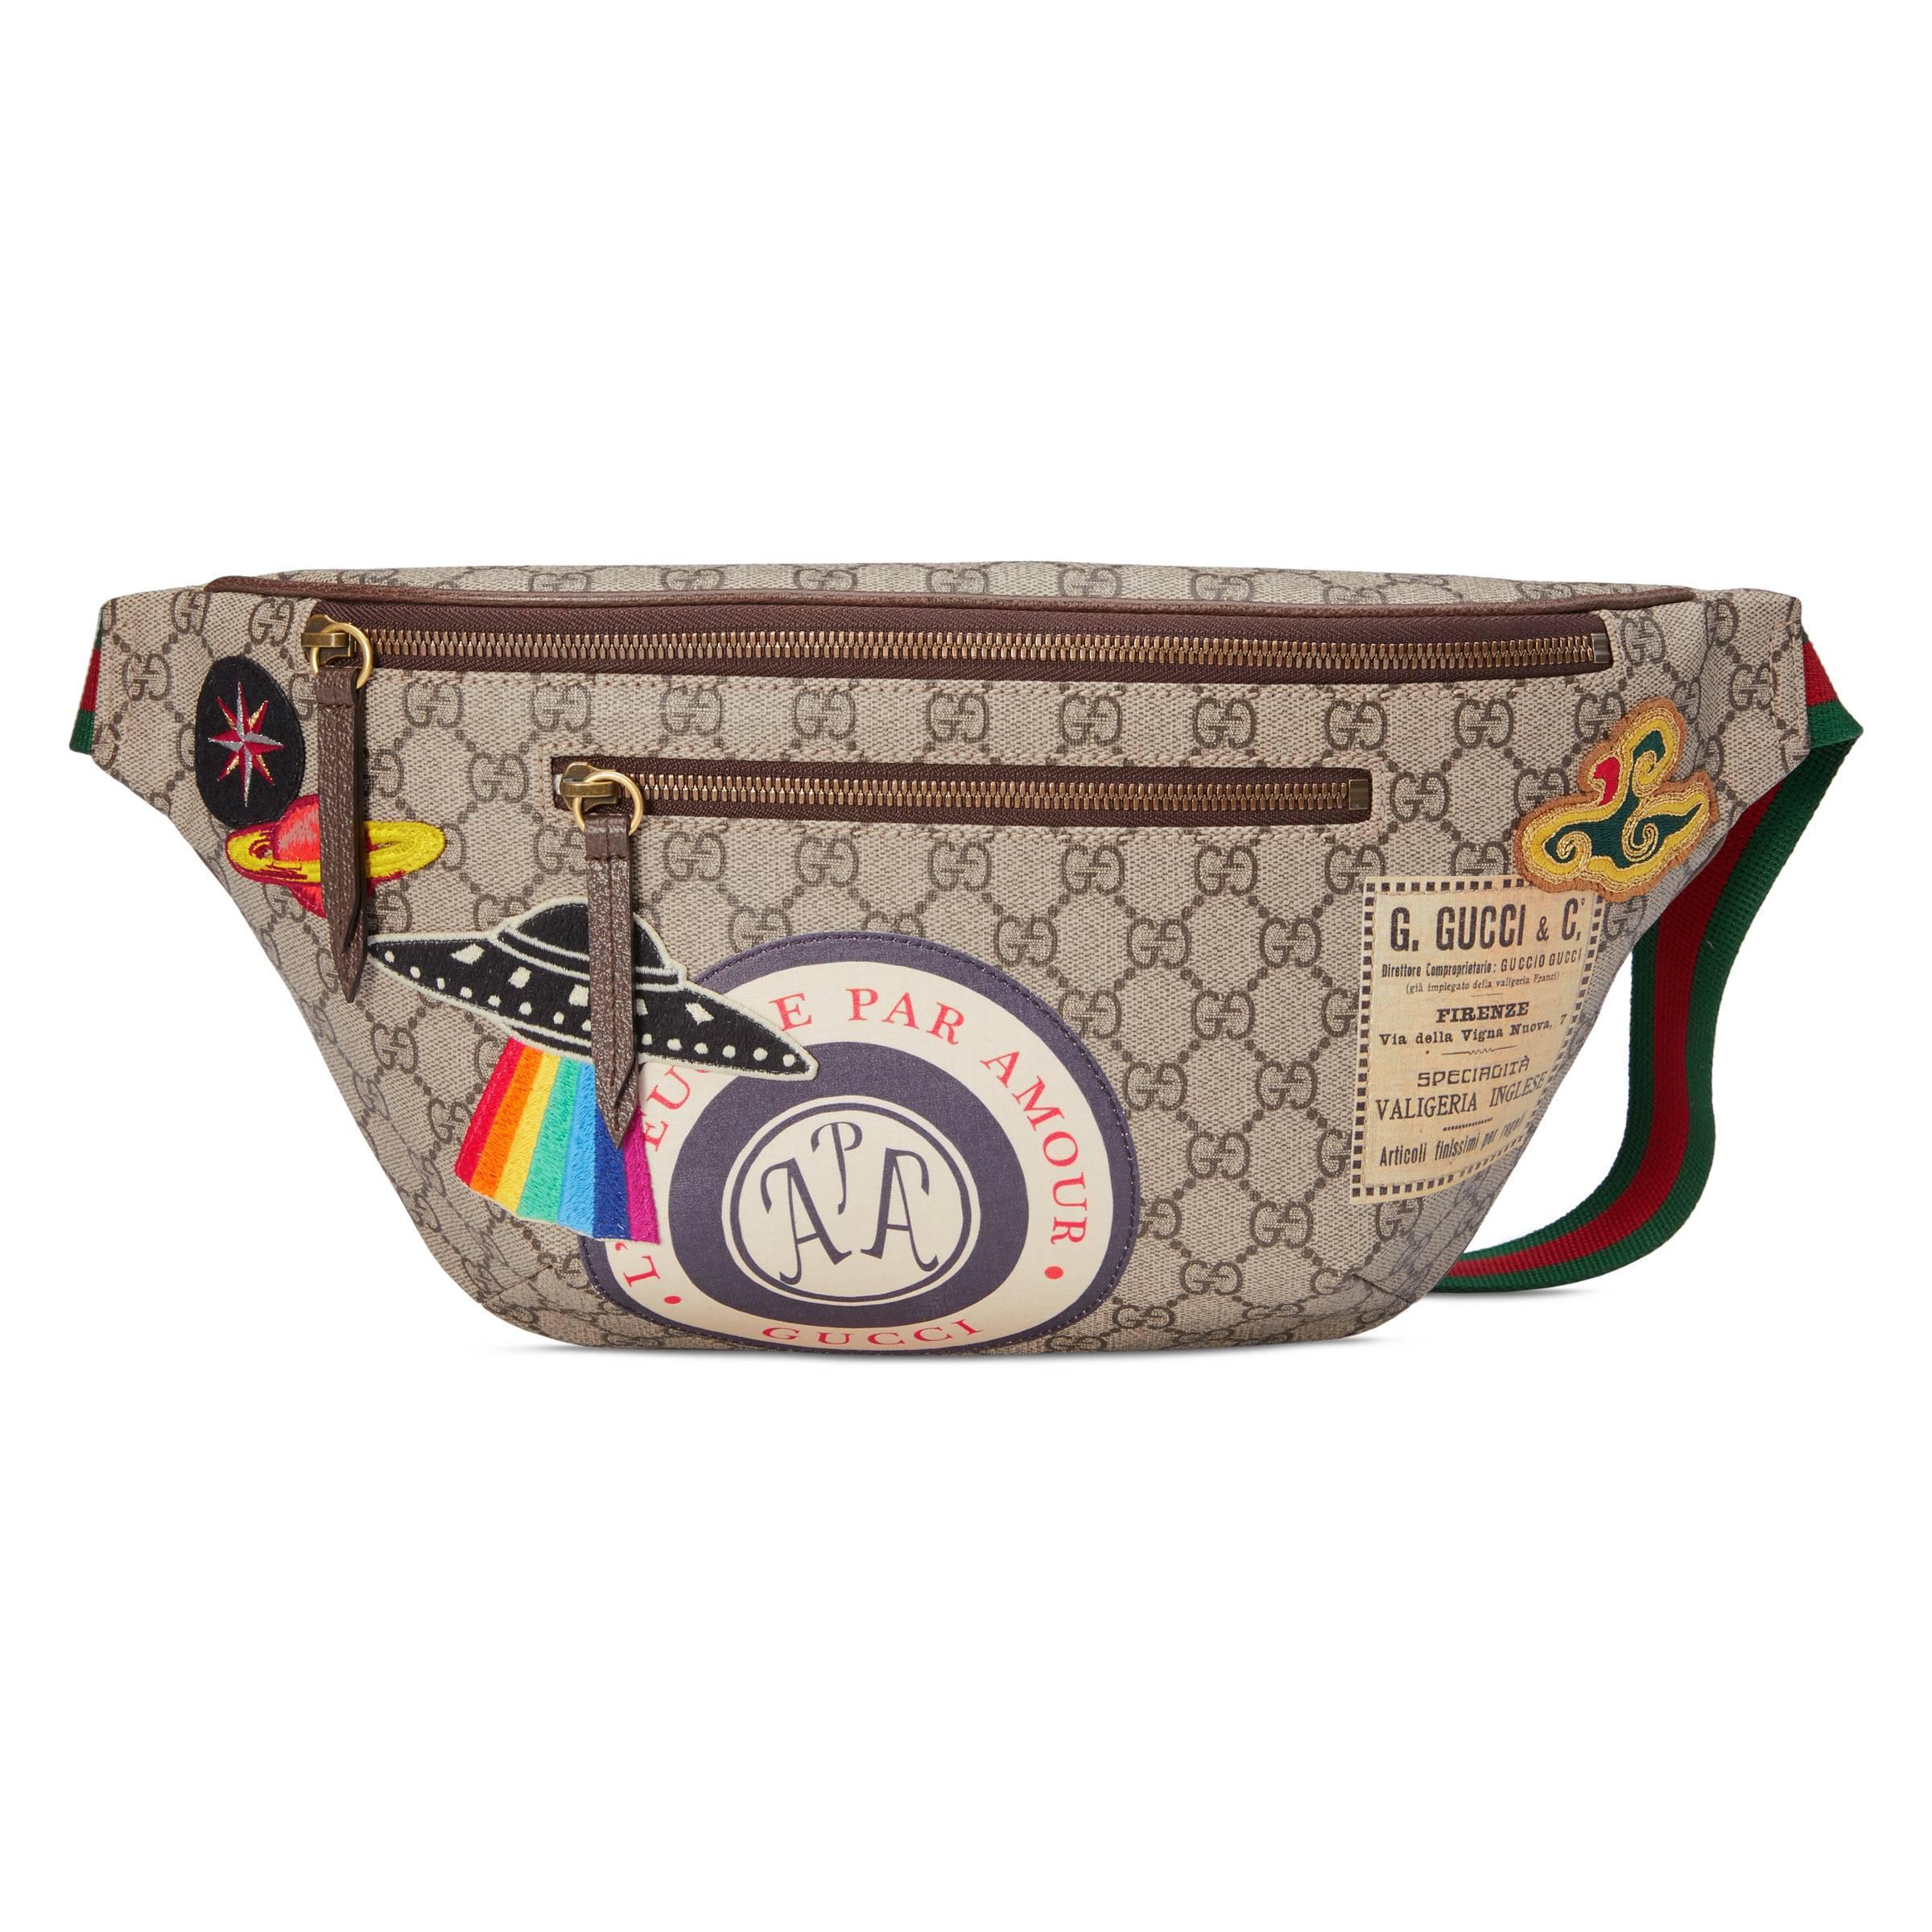 3c3e49909df Lyst - Sac ceinture Suprême GG avec motif Courrier Gucci pour homme ...